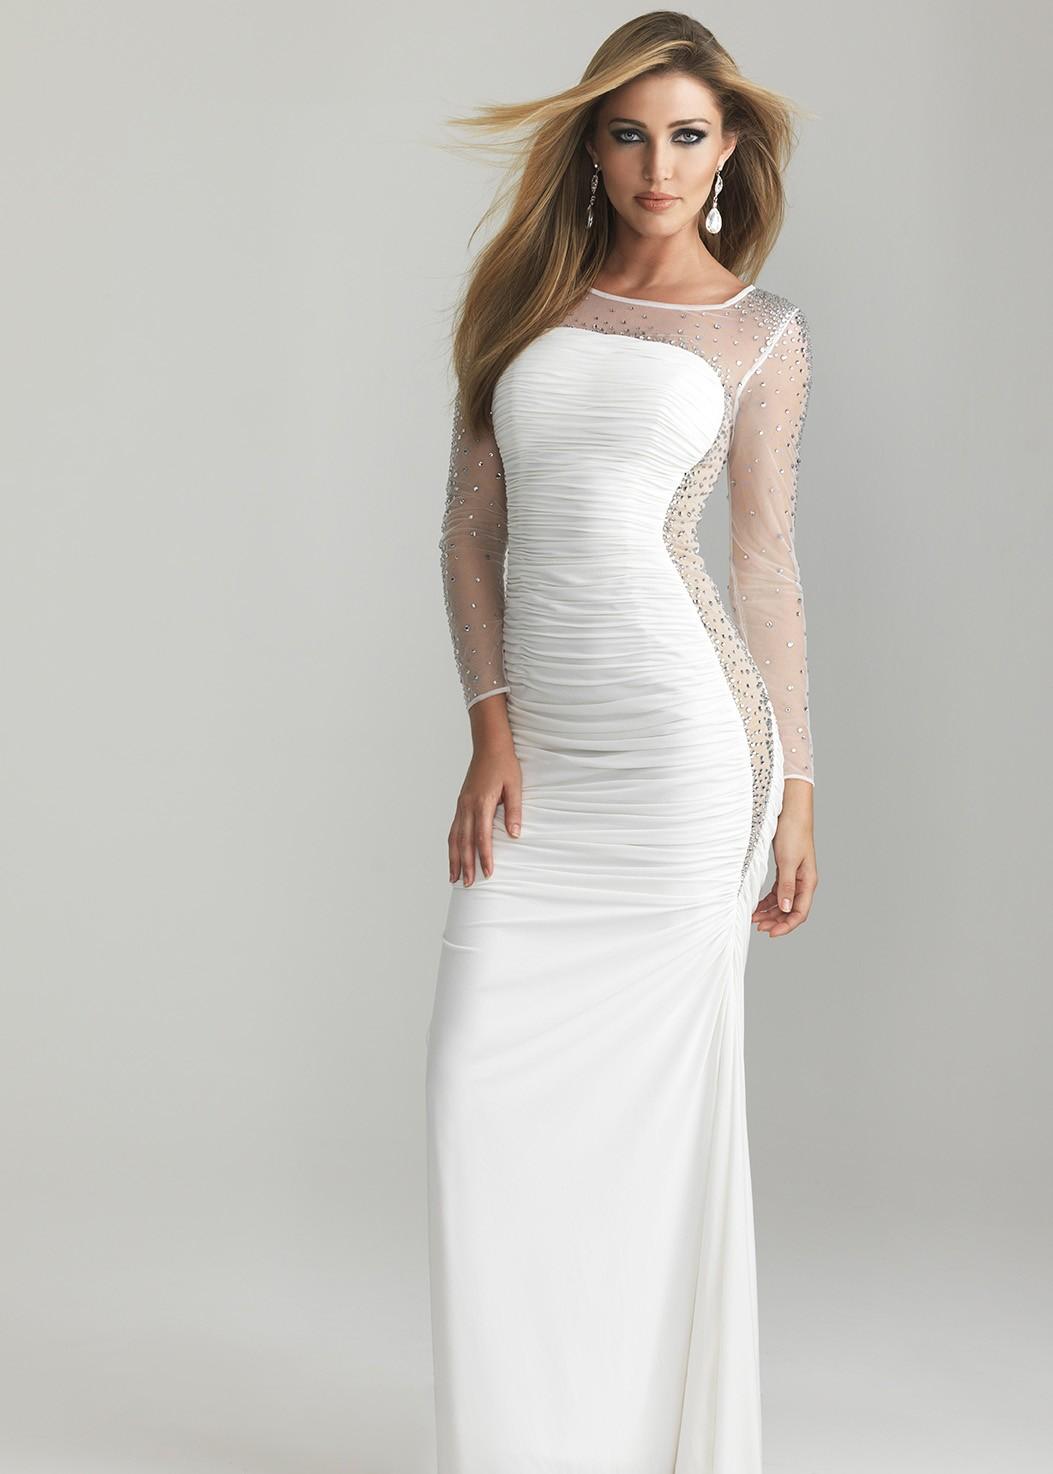 Купить белое вечернее платье купить женские джинсовые шорты рваные